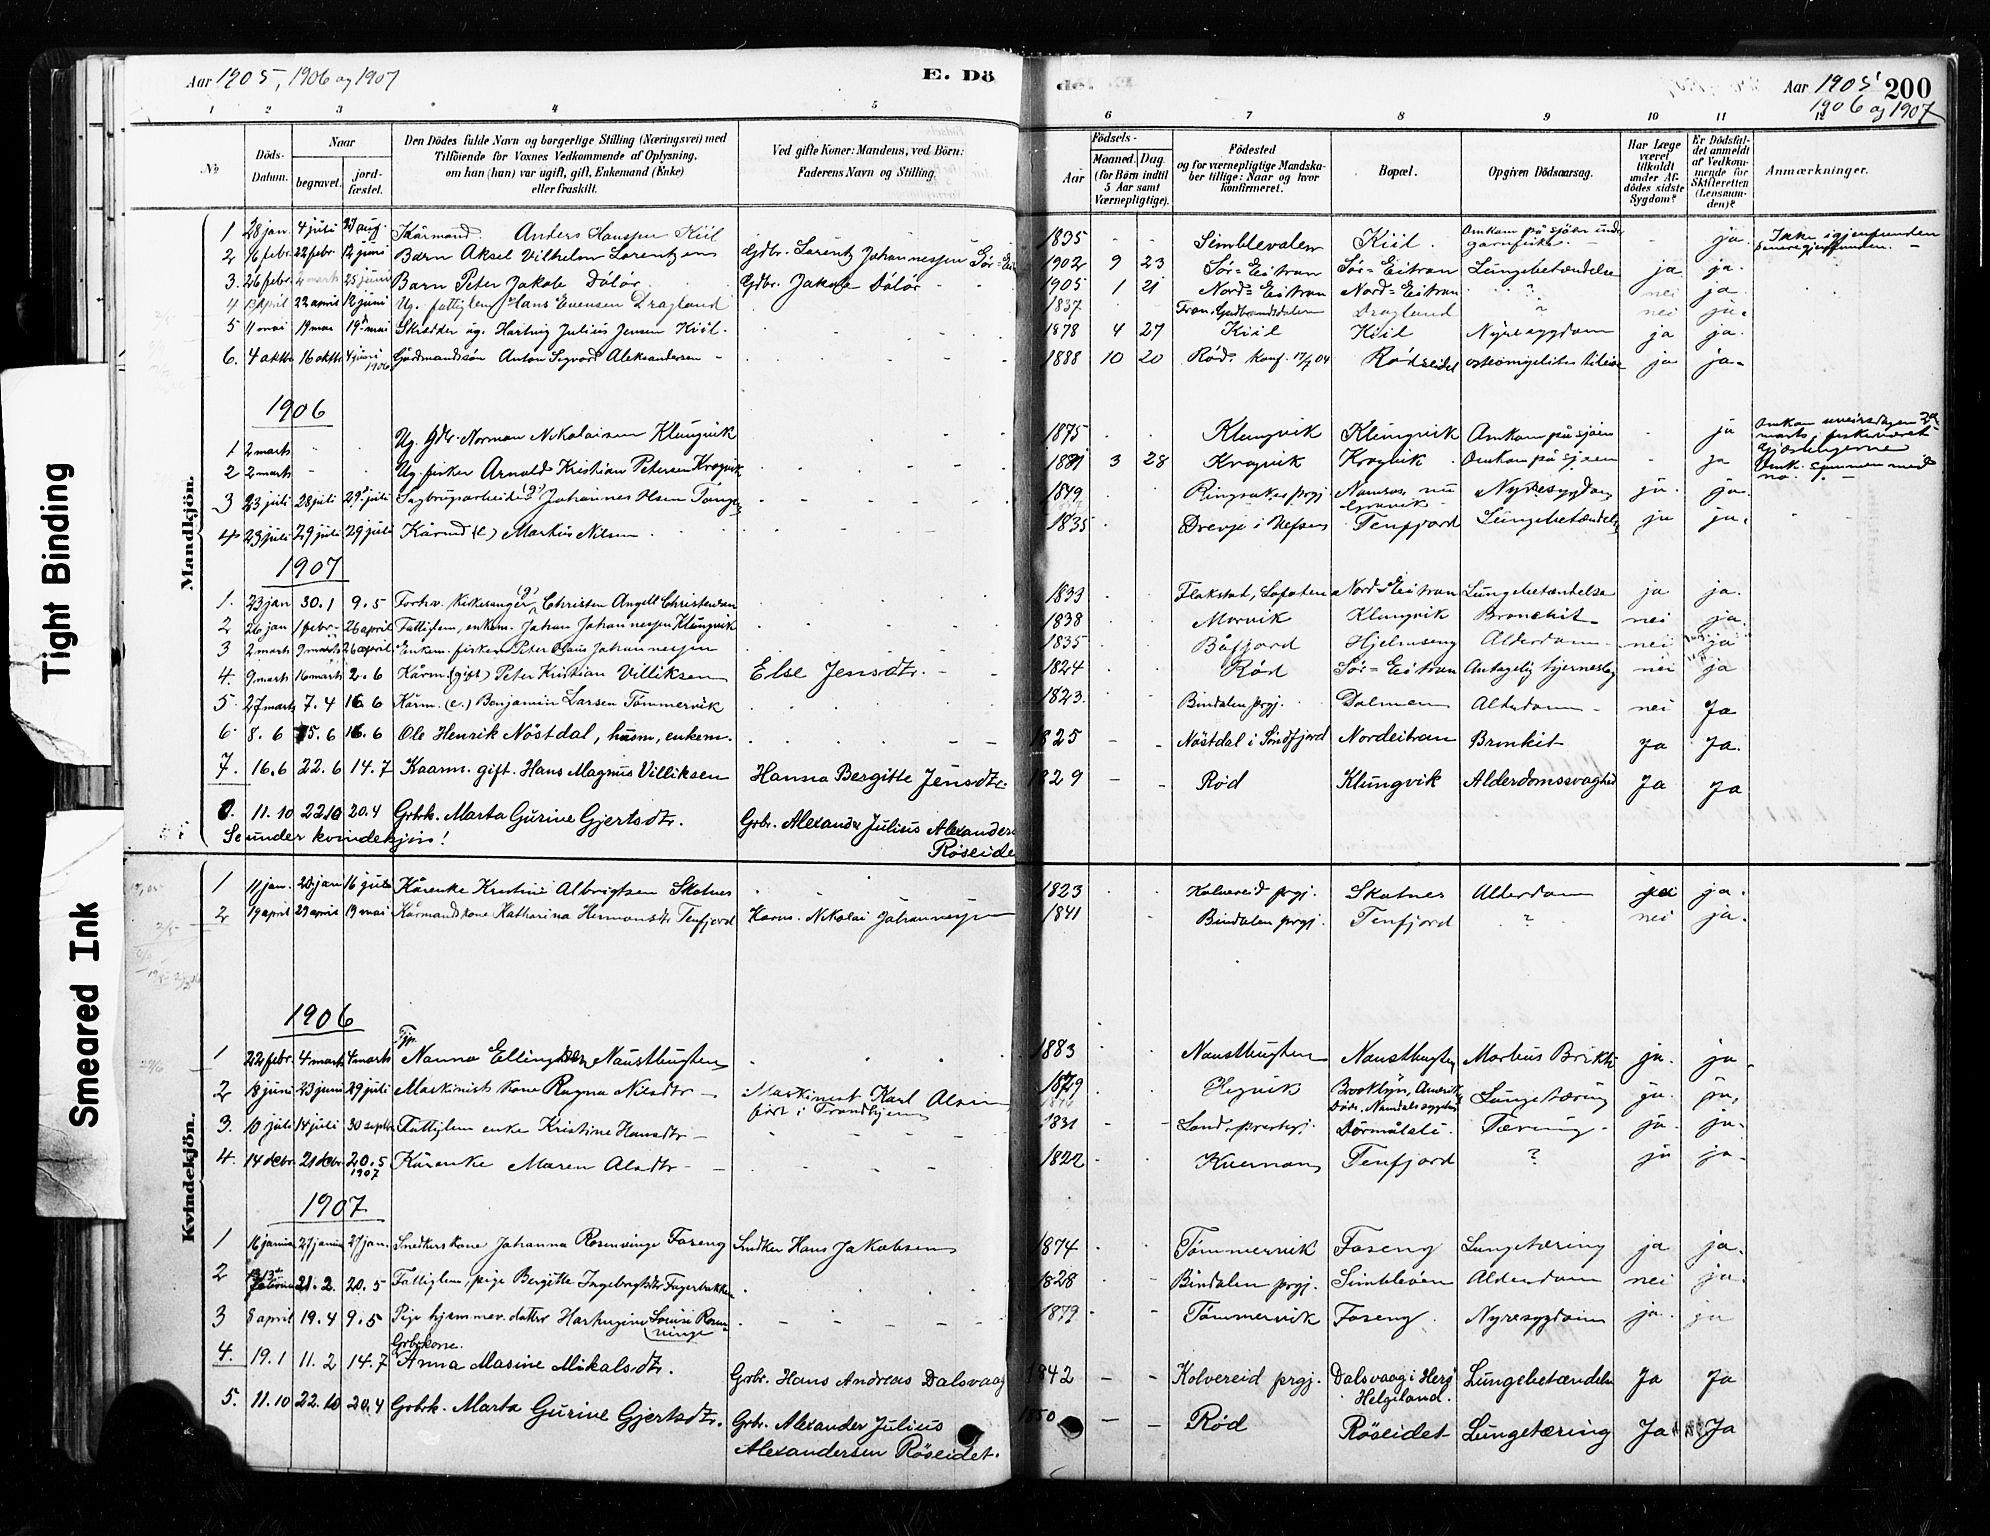 SAT, Ministerialprotokoller, klokkerbøker og fødselsregistre - Nord-Trøndelag, 789/L0705: Ministerialbok nr. 789A01, 1878-1910, s. 200